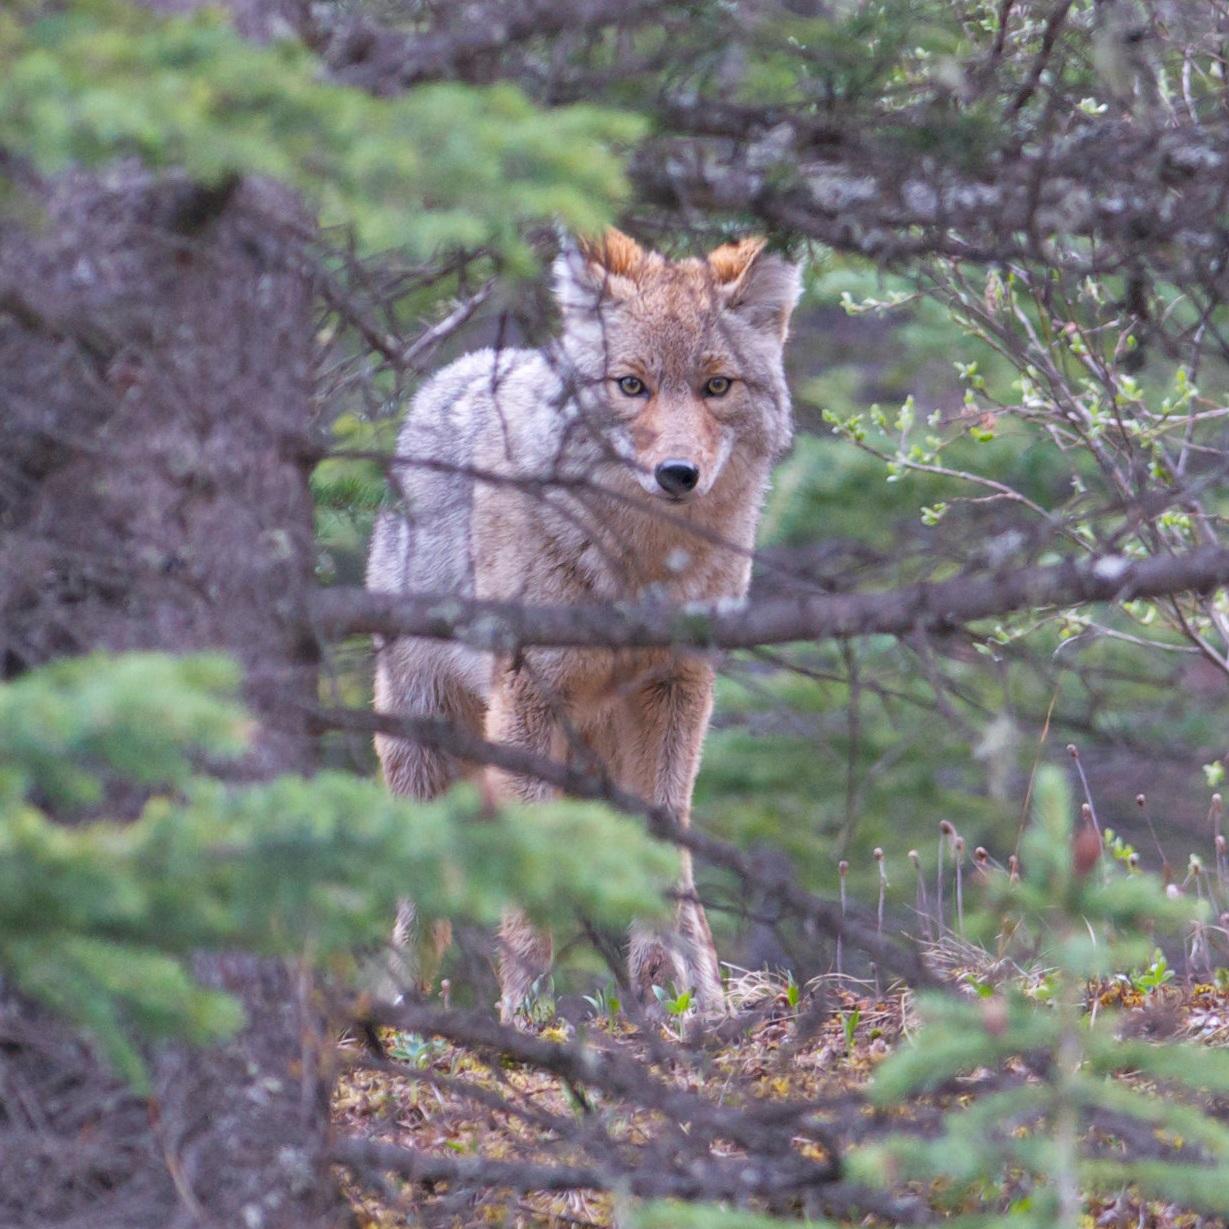 Coyote+120522+Amar+Athwal.jpg